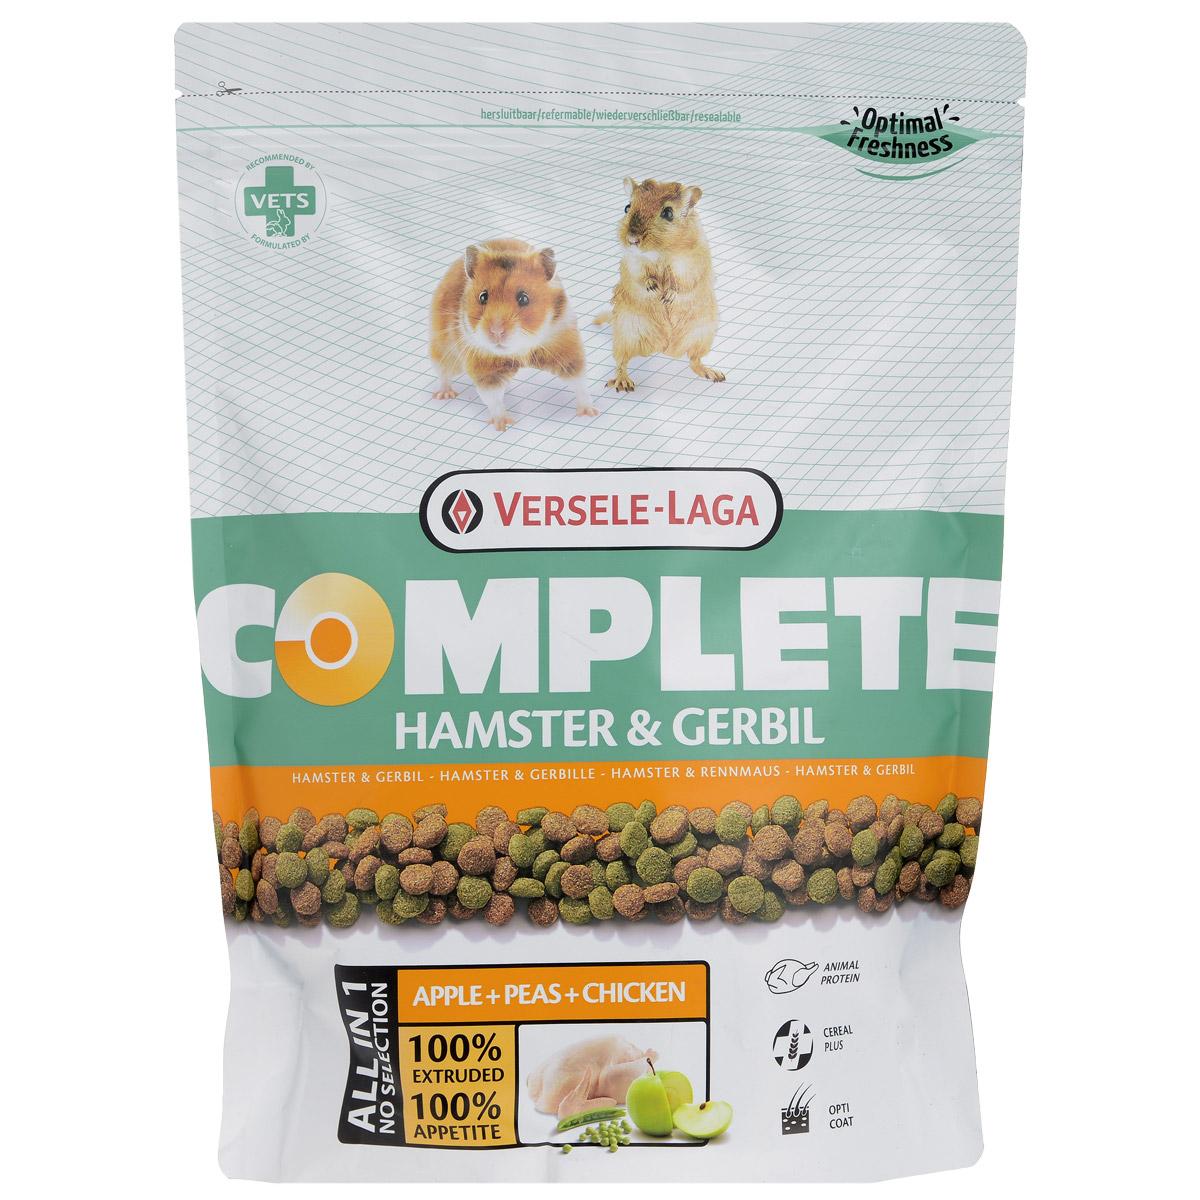 Корм для хомяков и песчанок Versele-Laga Hamster & Gerbil, комплексный, 500 г0120710Комплексный корм Versele-Laga - это полноценный и вкусный корм для (карликовых) хомяков, состоящий на 100% из легкоусвояемых экструдированных гранул. Корм содержит все питательные вещества, необходимые вашим питомцам для здоровой и активной жизни.Уход за зубамиПроблемы с ротовой полостью — частое явление у хомяков. Зачастую это последствия неправильного питания с нехваткой твердых компонентов для стачивания постоянно растущих зубов. Использование особых неизмельченных и твердых компонентов в гранулах обеспечит более длительное жевание и лучшее стачивание зубов, что благоприятствует здоровью ротовой полости.Свежие овощи Особый процесс прессования позволяет добавлять в гранулы до 10% свежих овощей, что обеспечивает прекрасный вкус гранул. Вкупе с дополнительной клетчаткой гранулы имеют прекрасную перевариваемость.ПротеиныХомяки по своей природе всеядны и относятся к тем грызунам, которым необходимы как животные, так и растительные белки. При этом содержание жиров в корме должно быть ограниченным.ФлорастимулДобавление таких пробиотиков как фруктоолигосахариды (FOS) и маннанолигосахариды (MOS) крайне положительно сказывается на здоровье кишечной микрофлоры, обеспечивая правильное функционирование пищеварения.ВитаминыНезаменимые витамины поддерживают общее здоровье питомца. Витамин A важен для обновления клеток кожи, для зрения, репродуктивной деятельности и обмена веществ. Витамин D3 стимулирует усвоение кальция и фосфора, укрепляя кости. Витамины E и C являются важными антиоксидантами, защищающими организм от свободных радикалов, а также улучшая защитные механизмы организма. Корм также обогащен стабилизированным витамином C, который, в отличие от кристаллизованной формы, меньше подвержен окислению и биораспаду, дольше сохраняя активные свойства.Хороший иммунитетДобавление натуральных растительных пигментов, лютеина и бета-каротина позитивно влияет на общую резистентность организма. С од